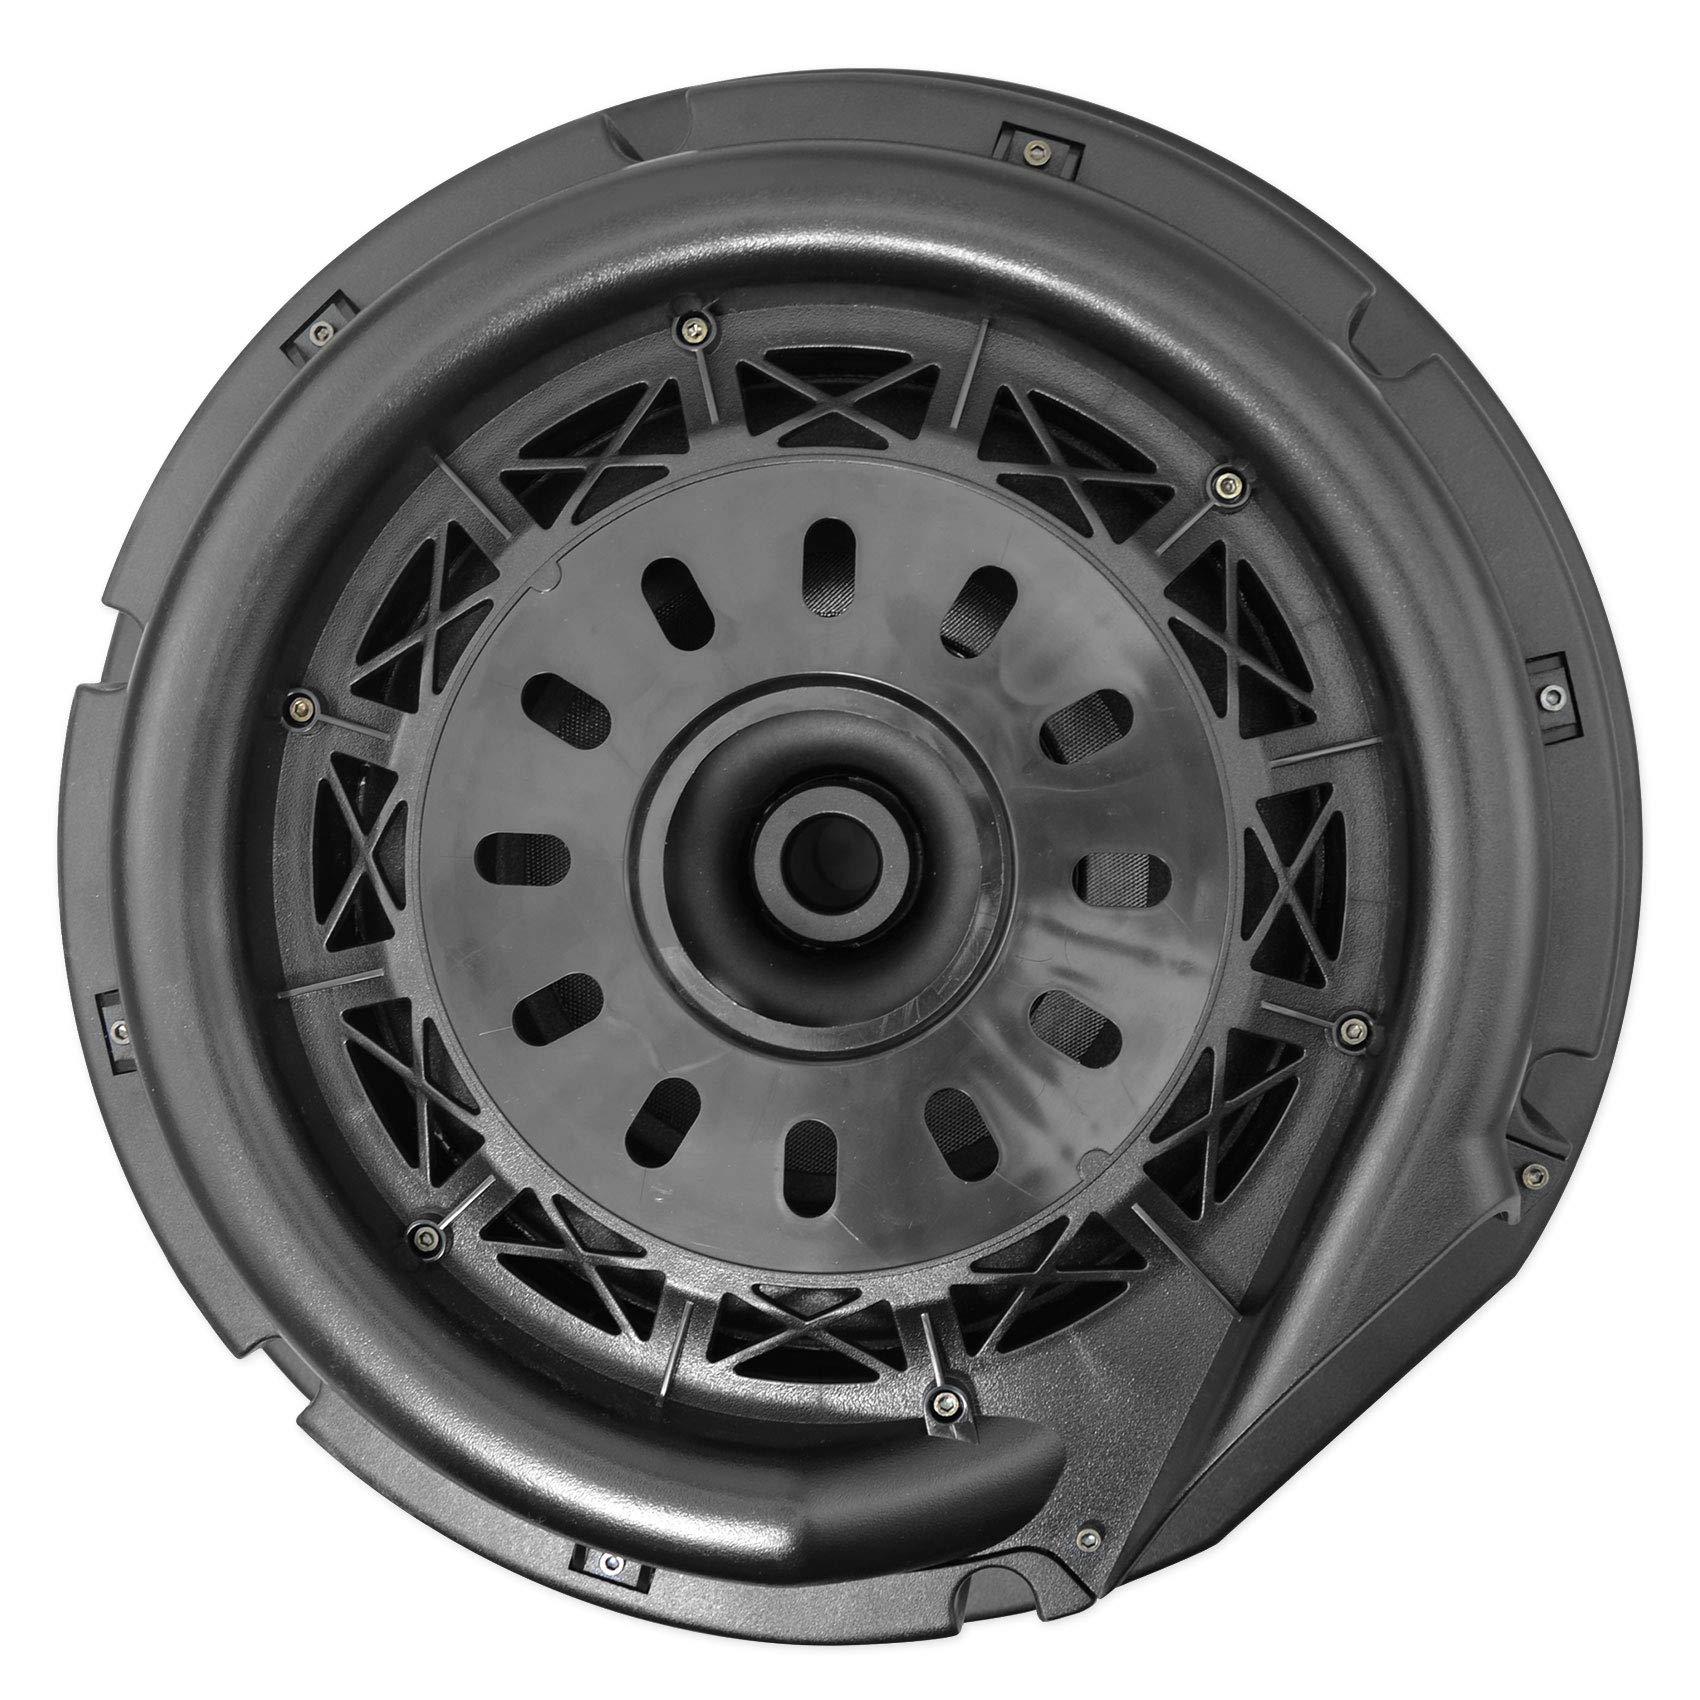 Bassface TWEETERSPL5C.2 200w 0.75 Inch 20mm Car Pure Silk Dome SQ Tweeters Pair